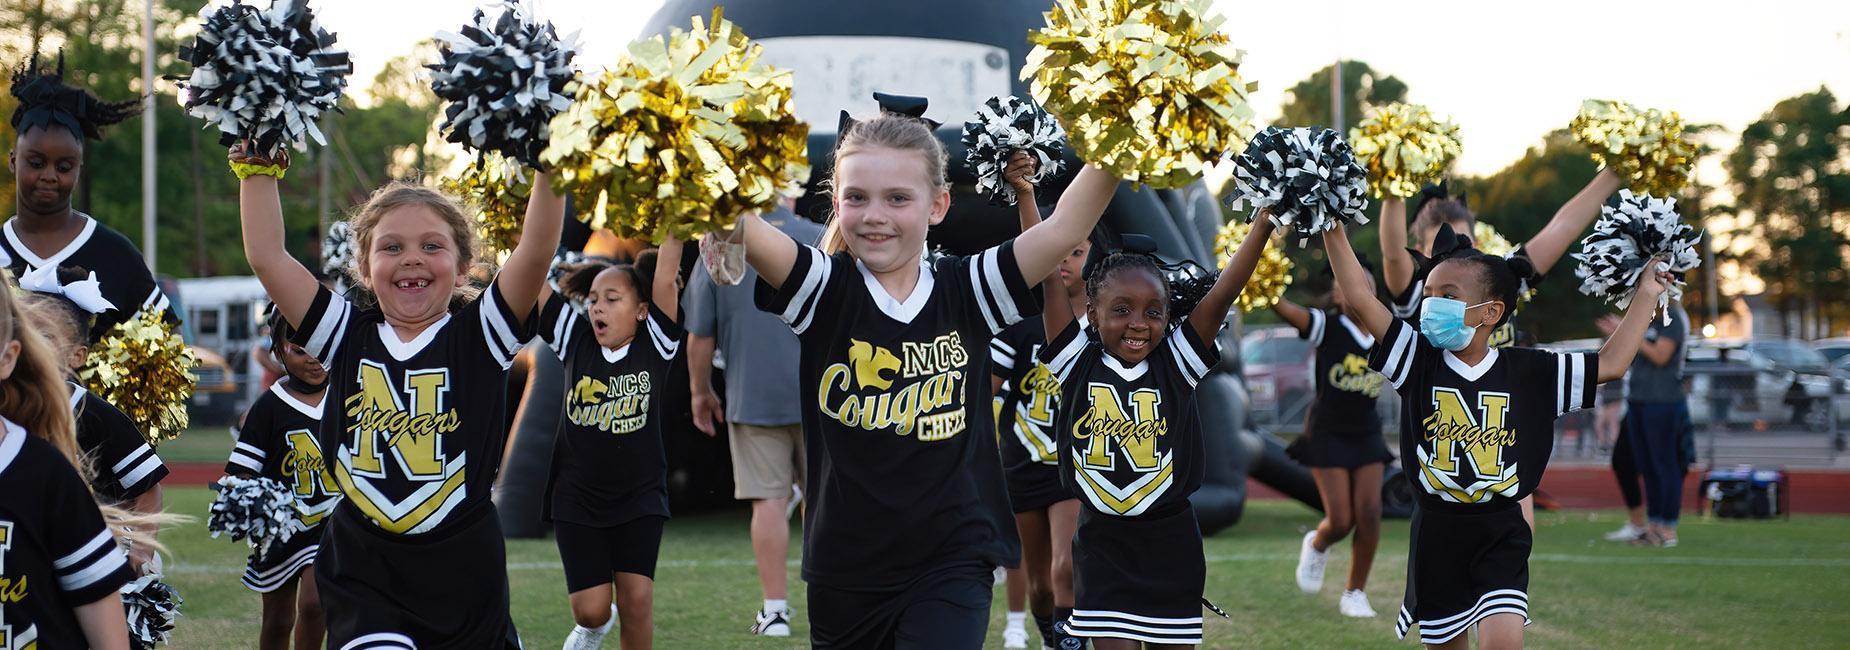 ES cheerleaders